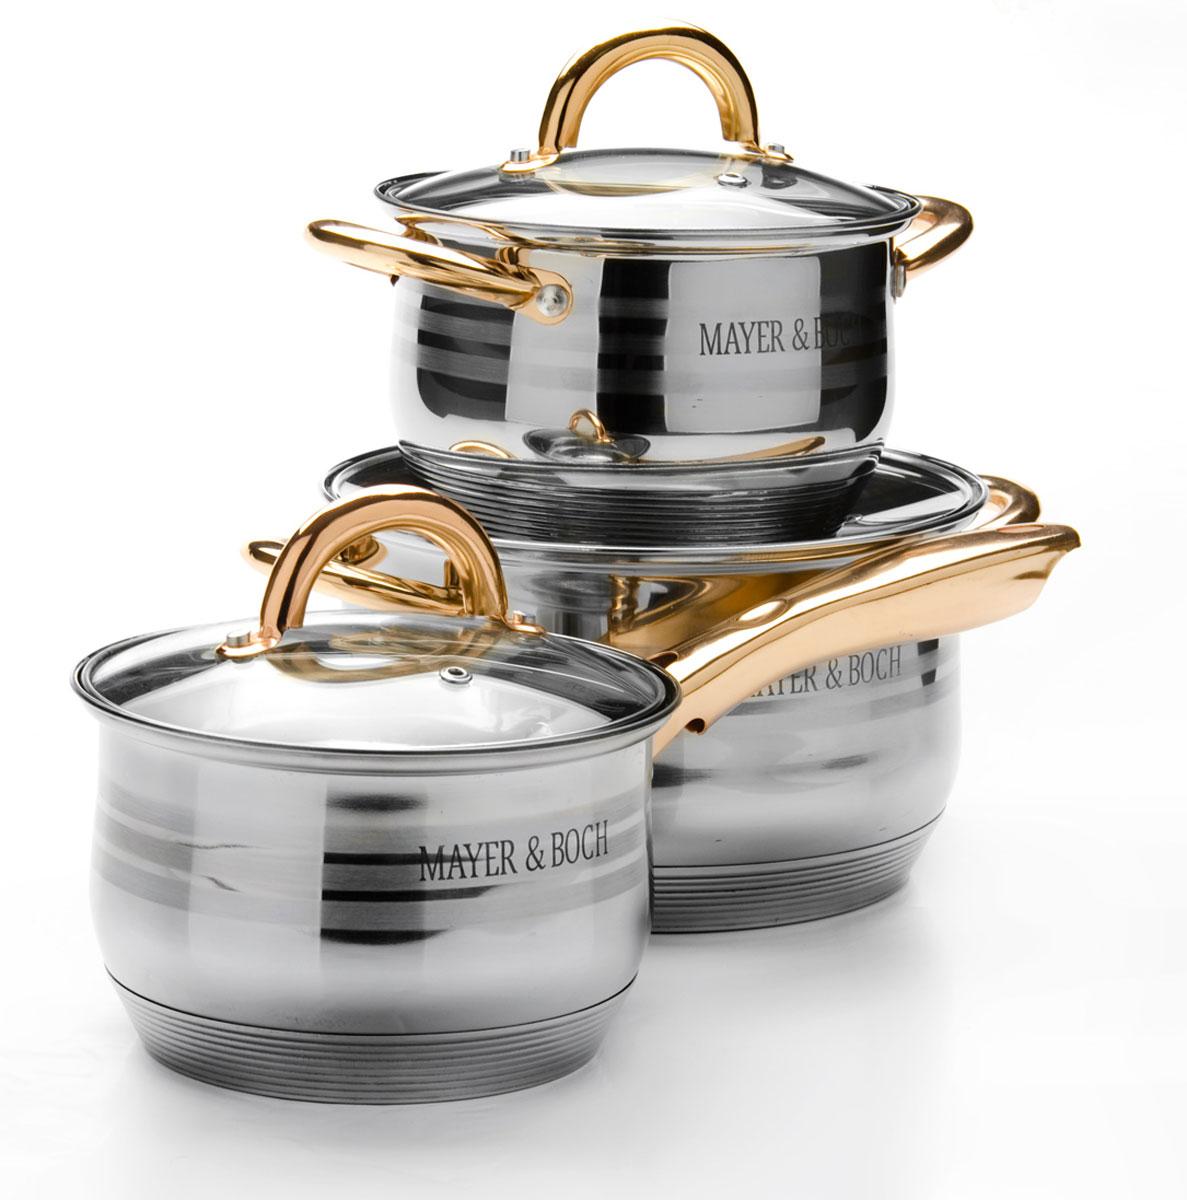 Набор посуды Mayer & Boch, 6 предметов. 2566968/5/4Набор кастрюль Mayer & Boch выполнен из высококачественной многослойной нержавеющей стали с комбинированной полировкой. Толщина стенок 4 мм.Этот набор посуды предназначен для здорового и экологичного приготовления пищи. Кастрюли имеют многослойное капсульное дно с алюминиевым основанием, которое быстро и равномерно накапливает тепло и также равномерно передает его пище. Внутренняя поверхность идеально ровная, что значительно облегчает мытье. Крышки, выполненные из термостойкого стекла, имеют отверстие паровыпуска и металлический обод. Крышки плотно прилегают к краям посуды, предотвращая проливание жидкости и сохраняя аромат блюд.Также изделия снабжены эргономичными ручками из стали. В комплекте 6 предметов: 2 кастрюли со стеклянными крышками, 1 ковш со стеклянной крышкой. Подходит для использования на всех типах плит, включая индукционные. Подходит для мытья в посудомоечной машине.Ковш: (2,1 л) D16 х 10,5 см. Кастрюля: (2,1 л) D16 х 10,5 см. Кастрюля: (3,9 л) D20 х 12,5 см.